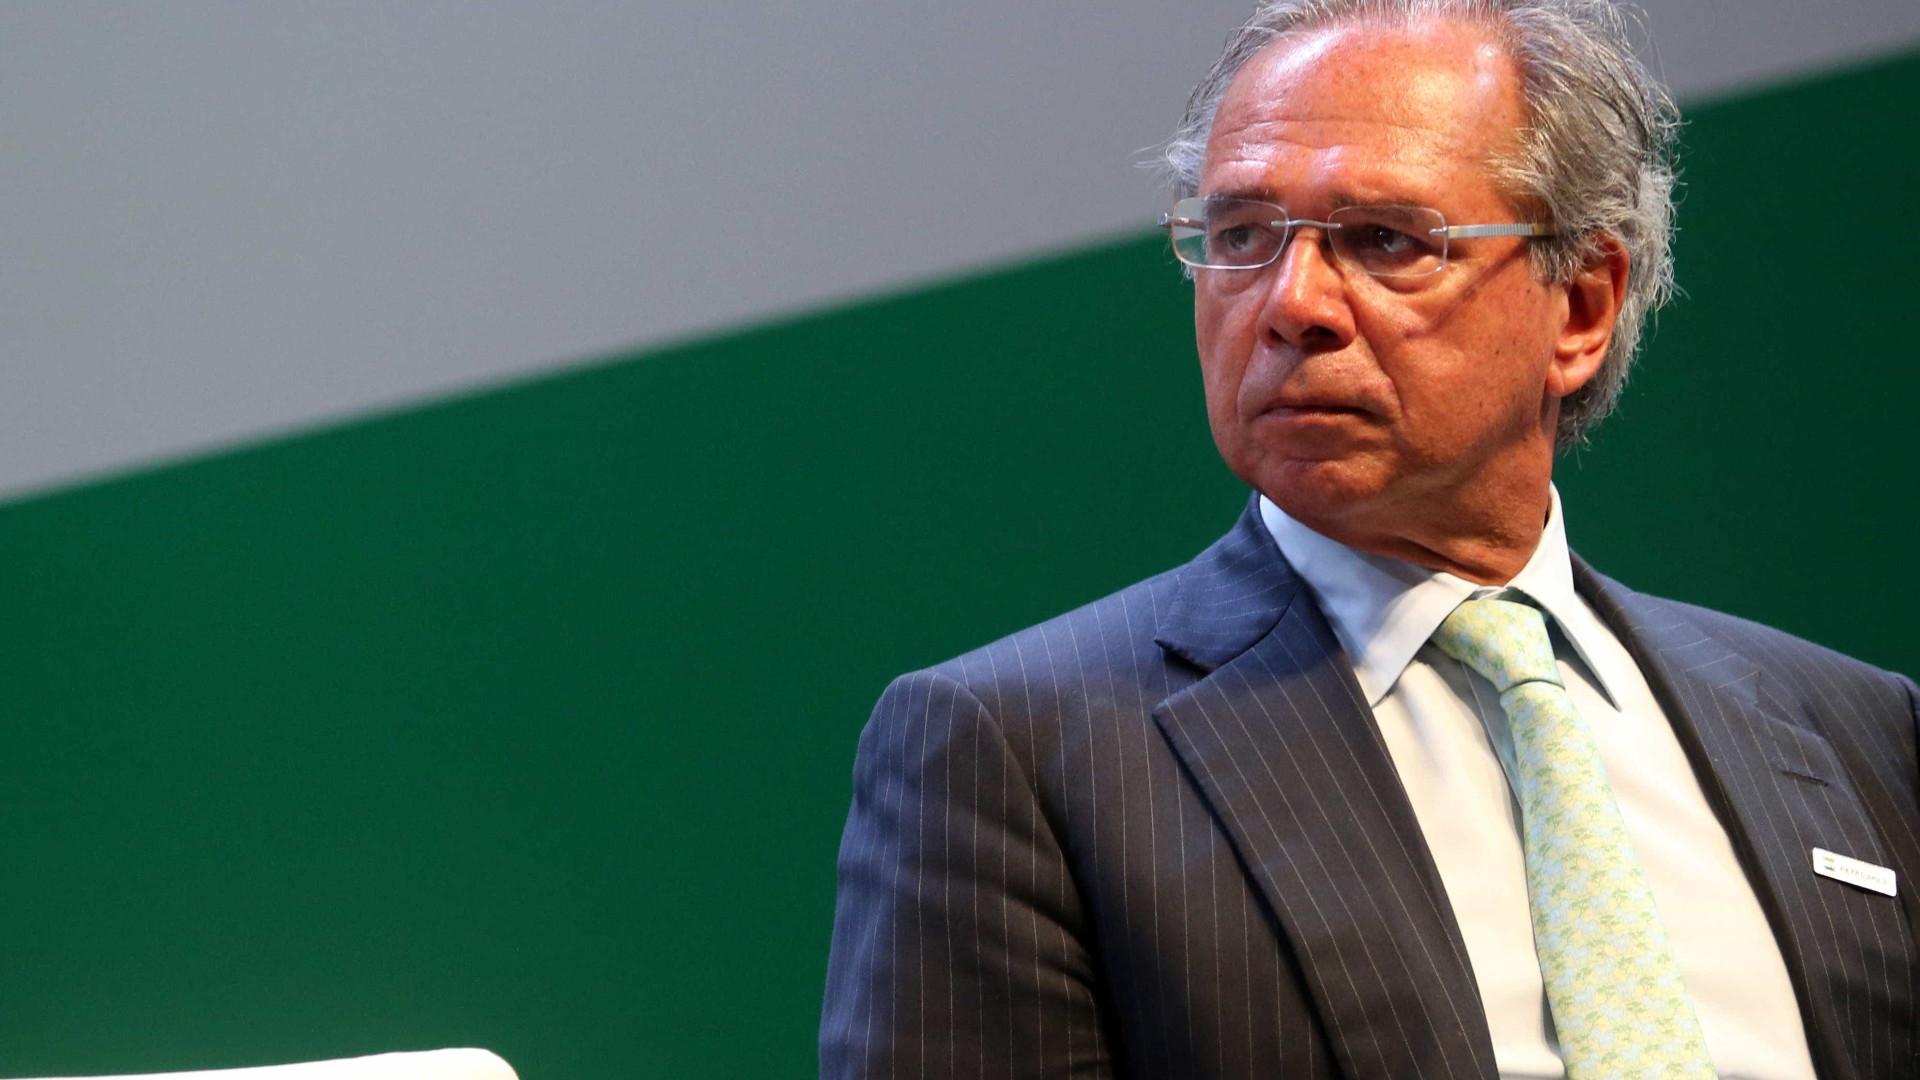 Guedes em posse dos presidentes de bancos públicos: 'Fim da falcatrua'